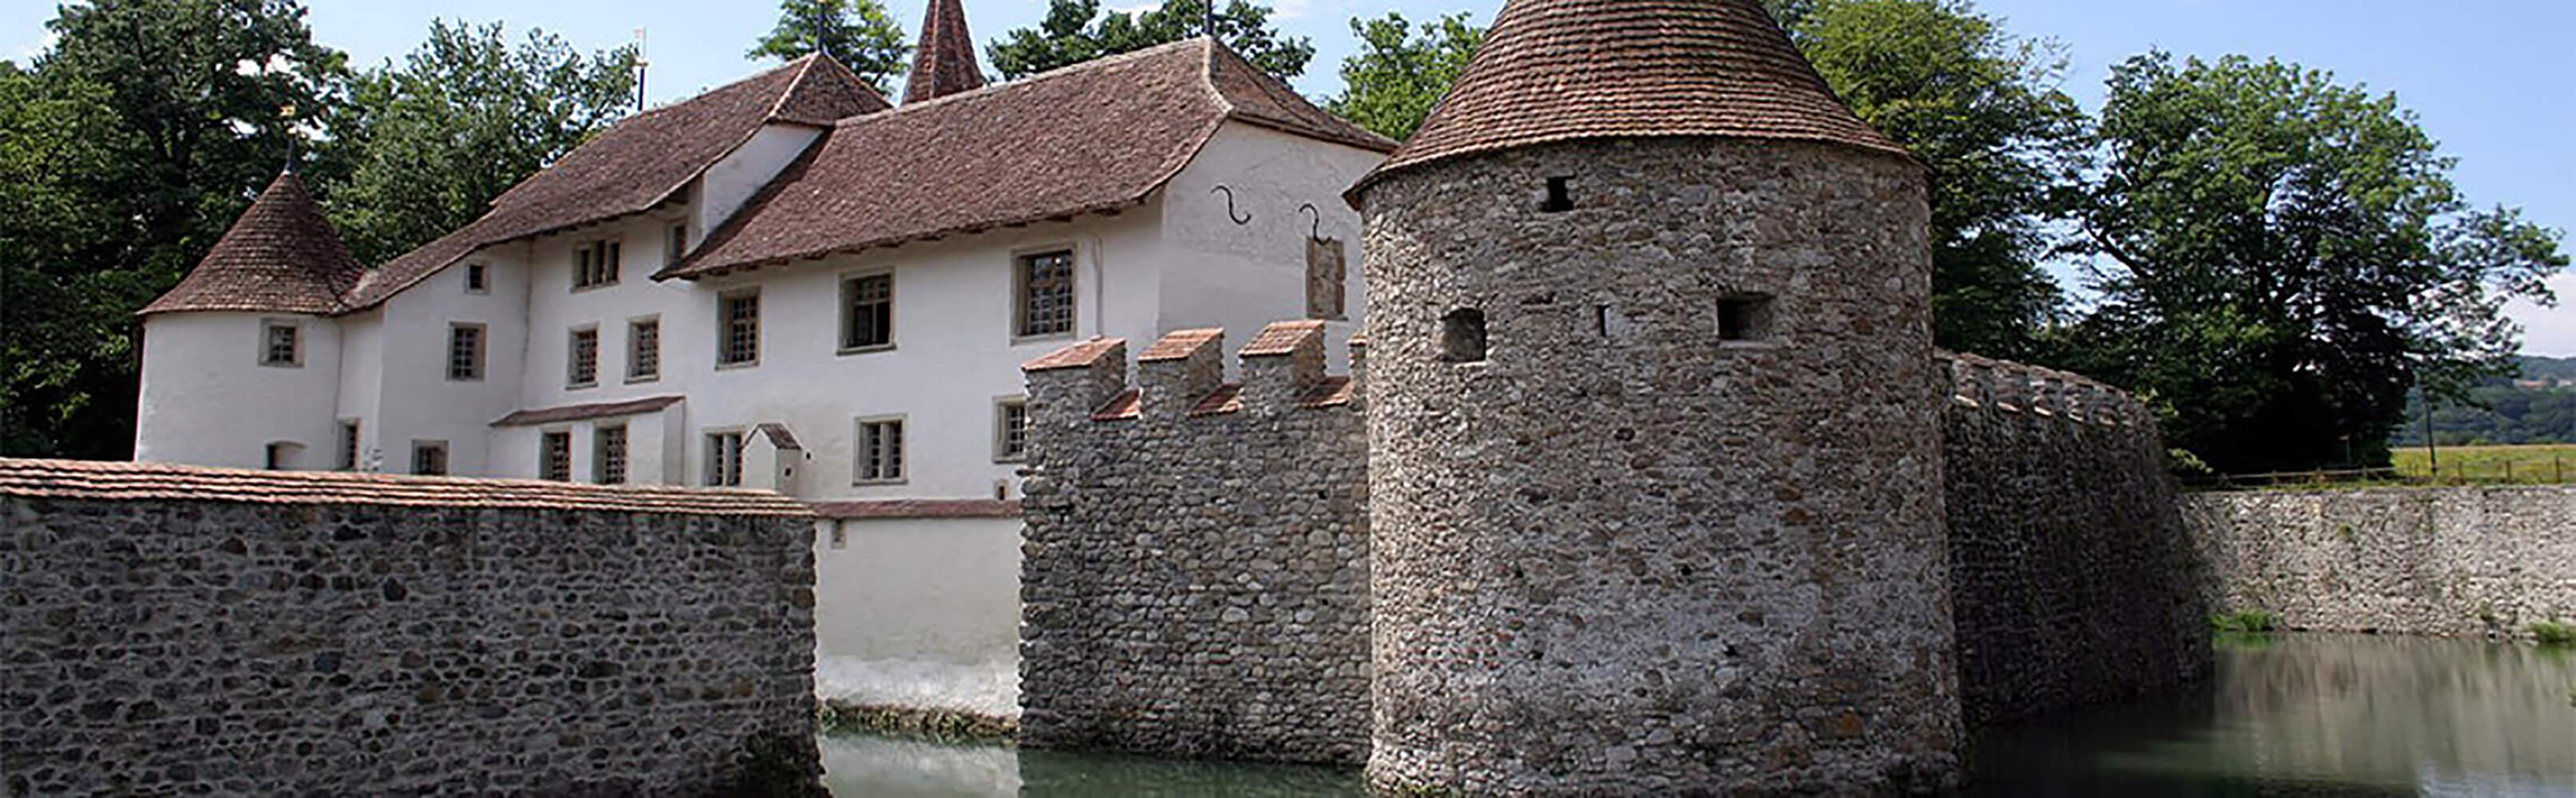 Schloss Hallwyl, Seengen 1